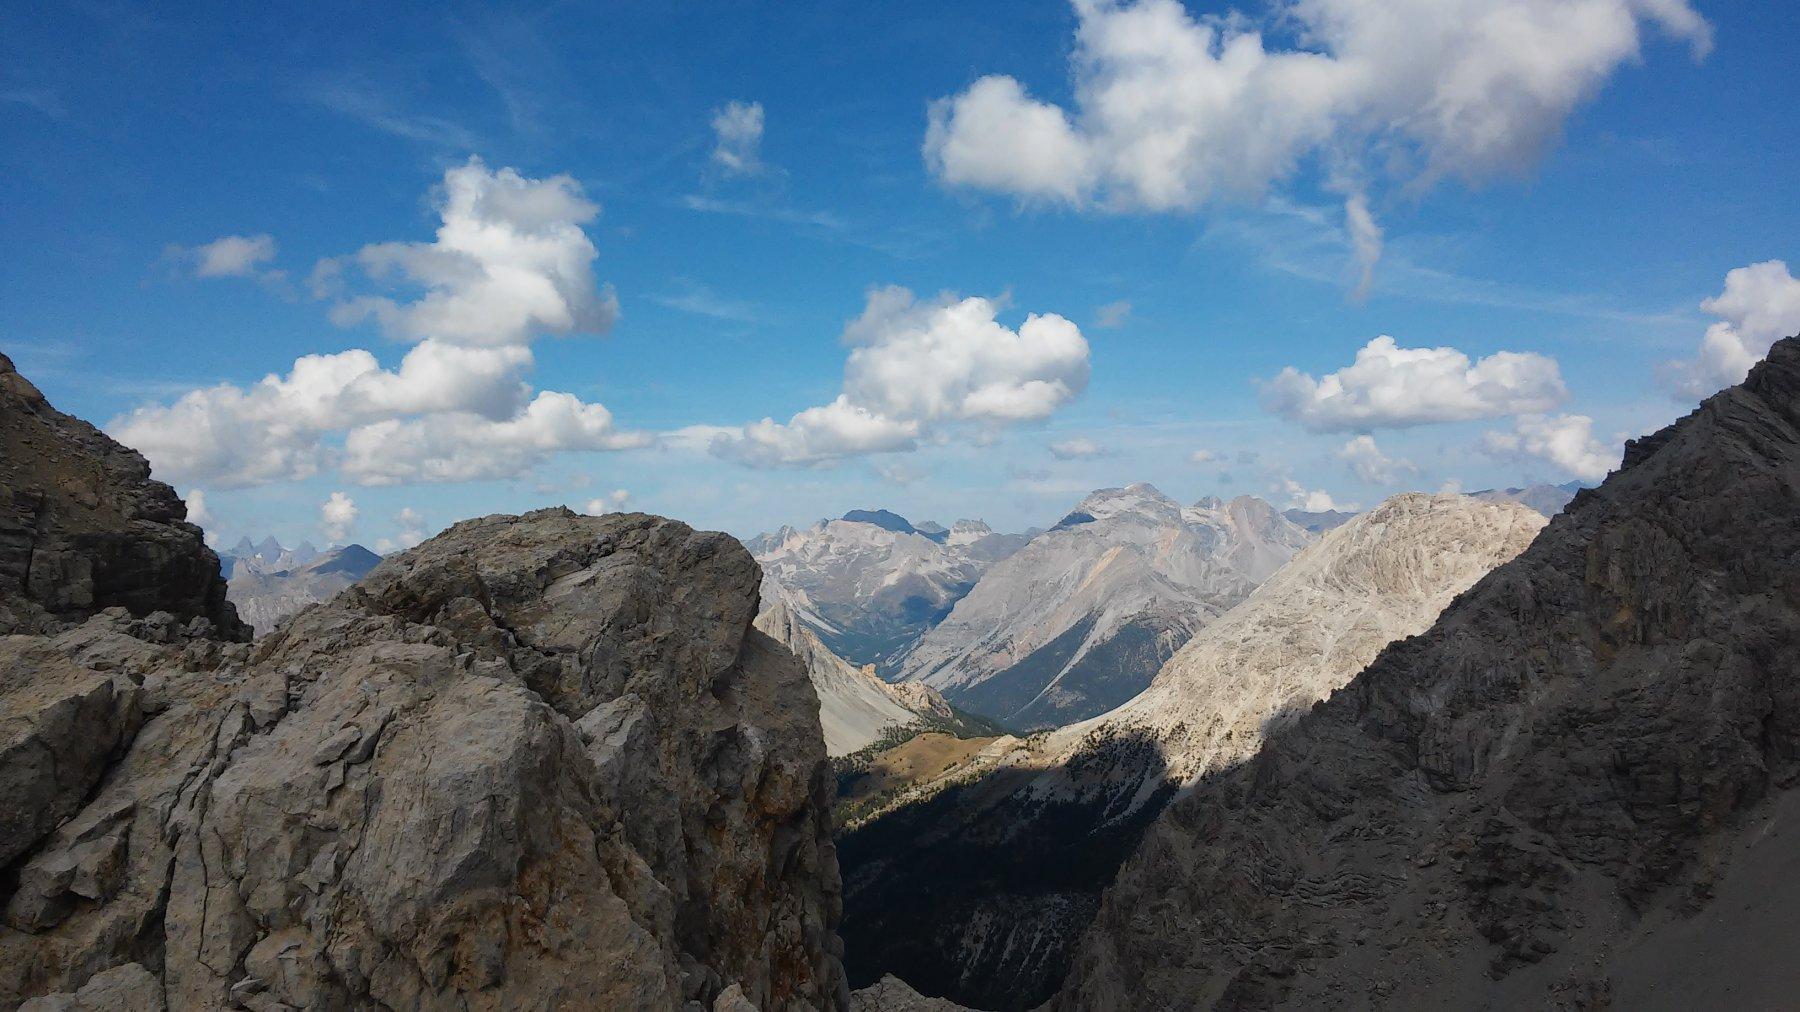 Vista sulla Valle Stretta con Thabor, Re Magi, Serous e massiccio della Bissorte